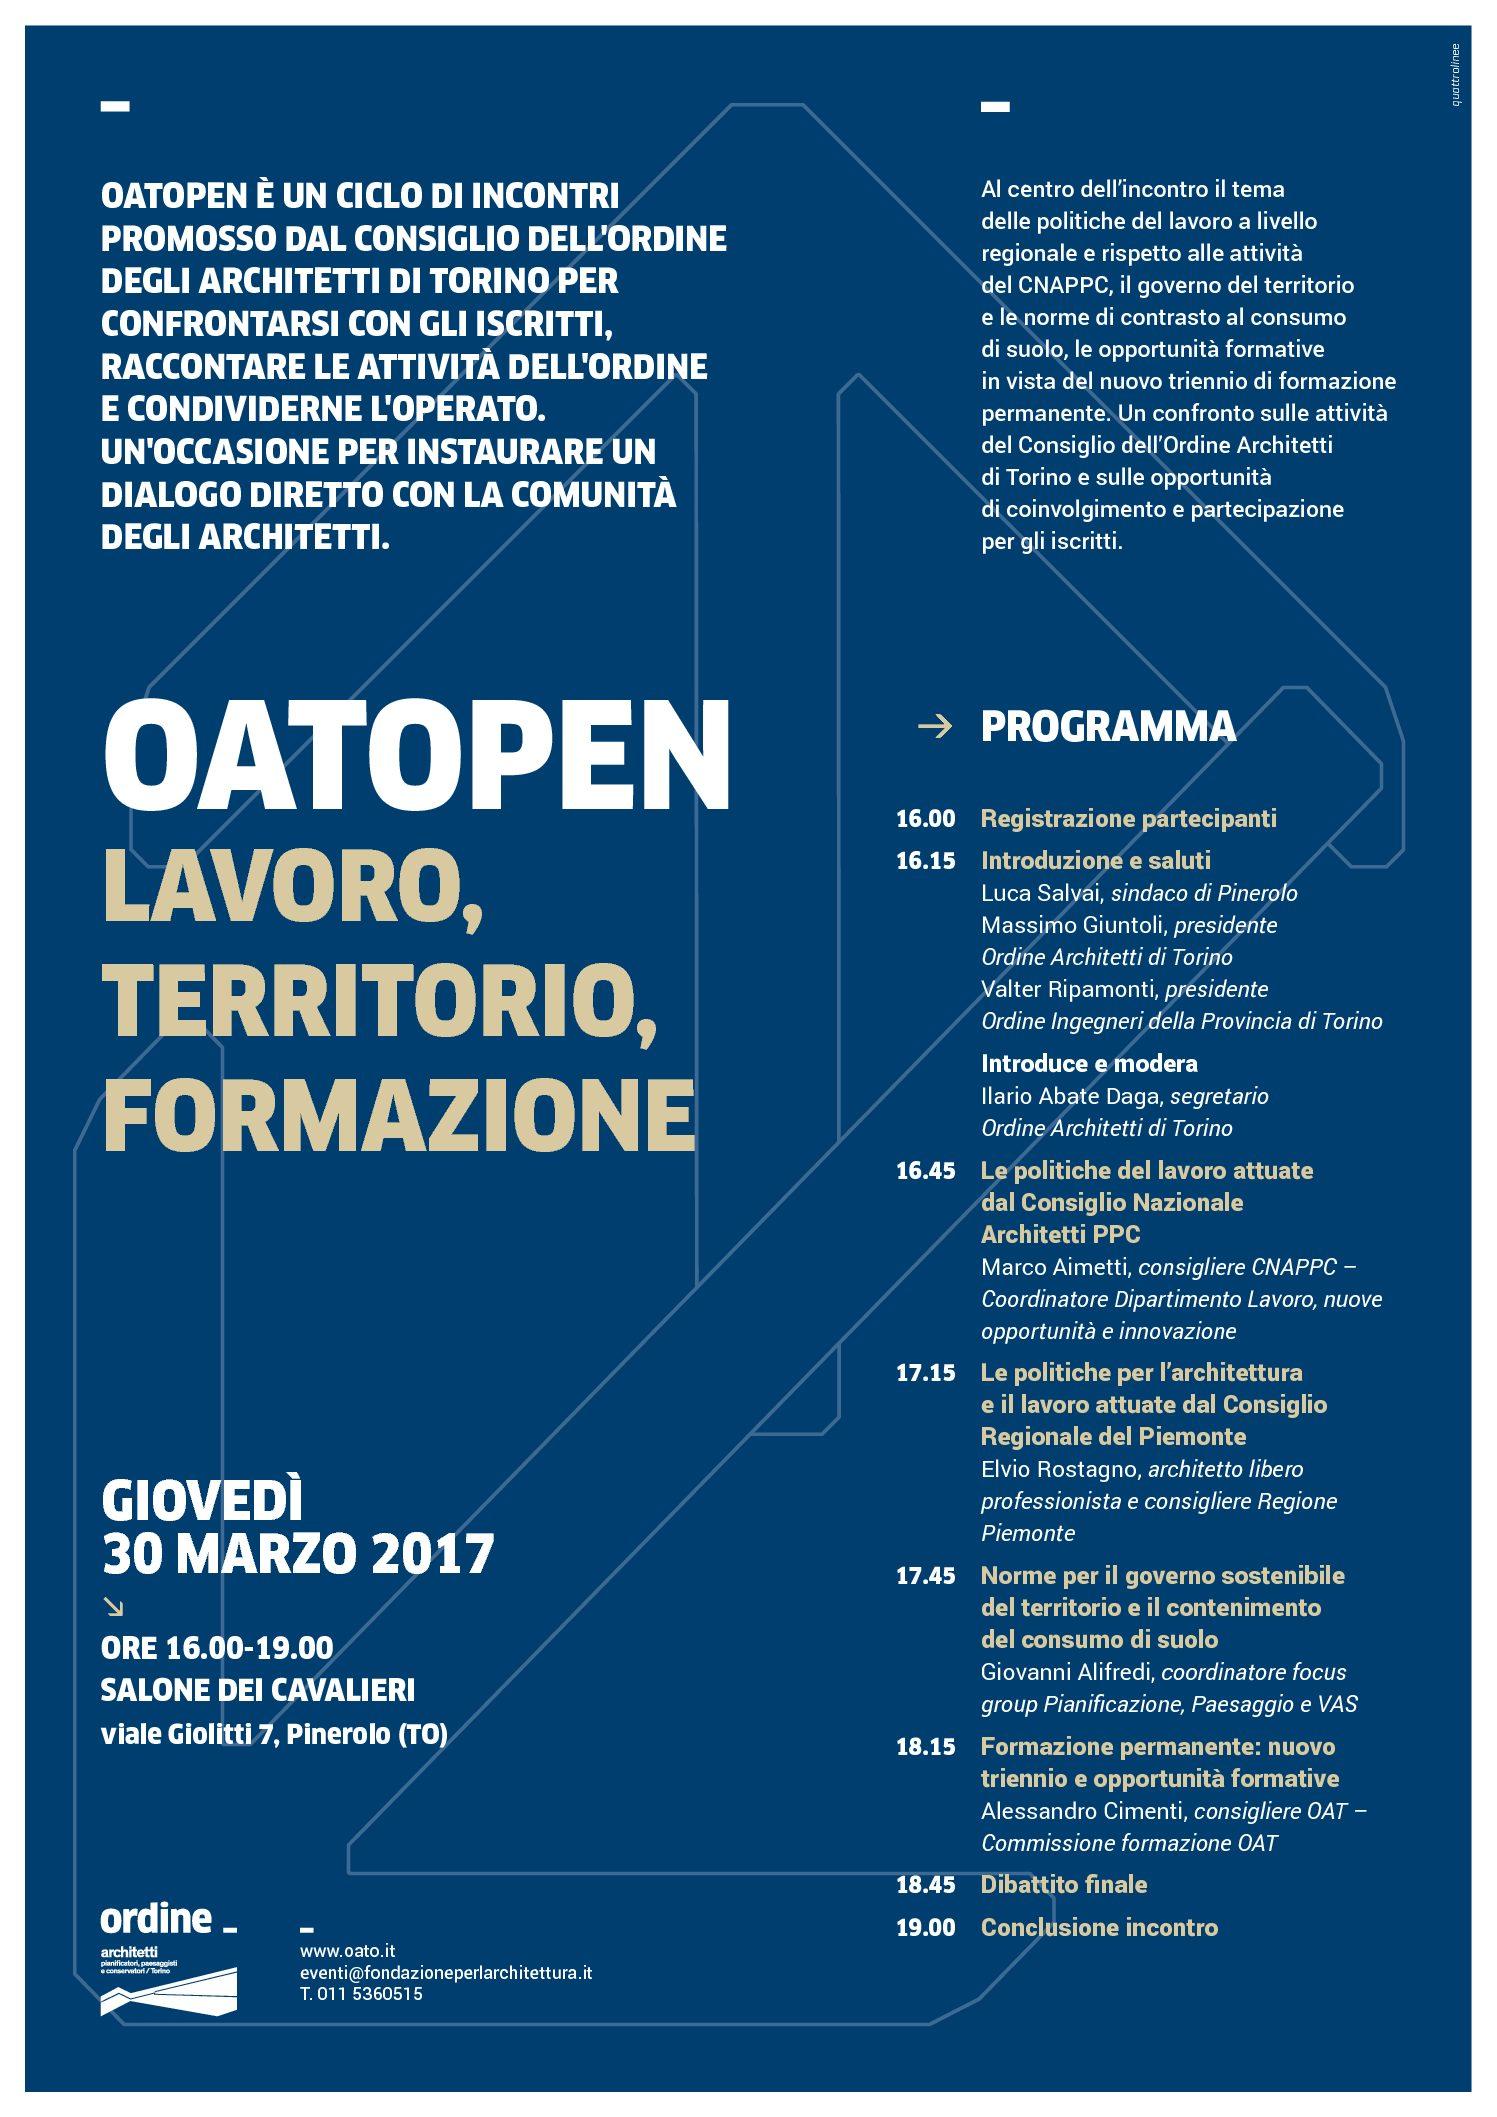 Lavoro Per Architetti Torino oatopen_pinerolo | ordine degli architetti di torino